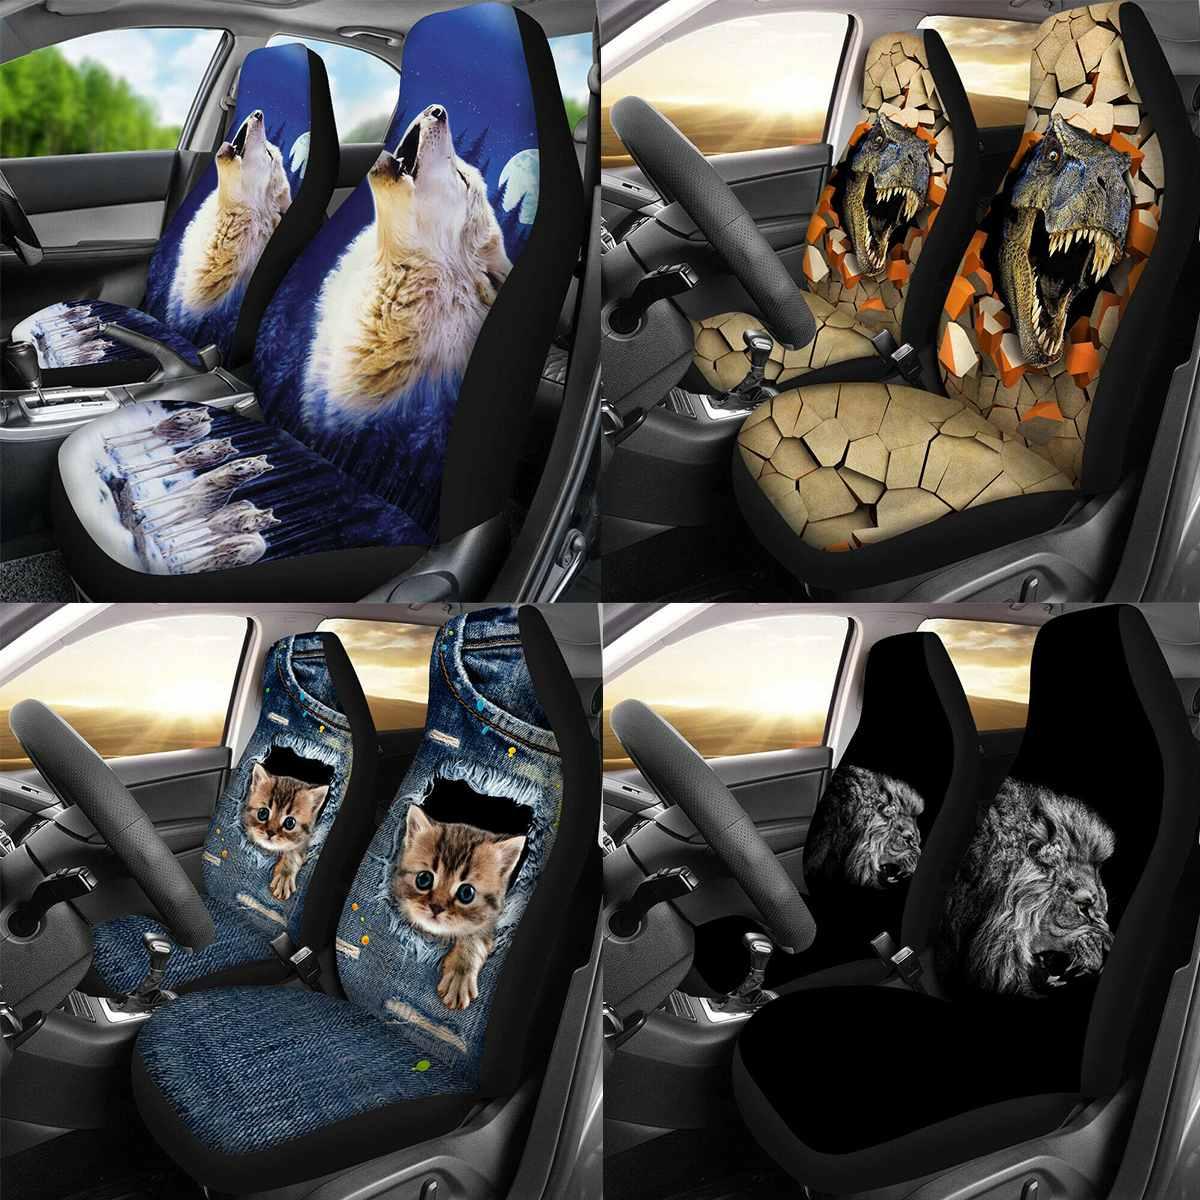 3D สัตว์หมาป่าการพิมพ์ Universal รถที่นั่งครอบคลุมรถจัดแต่งทรงผม Auto ที่นั่งรถที่นั่งเต็มรูปแบบป้อ...